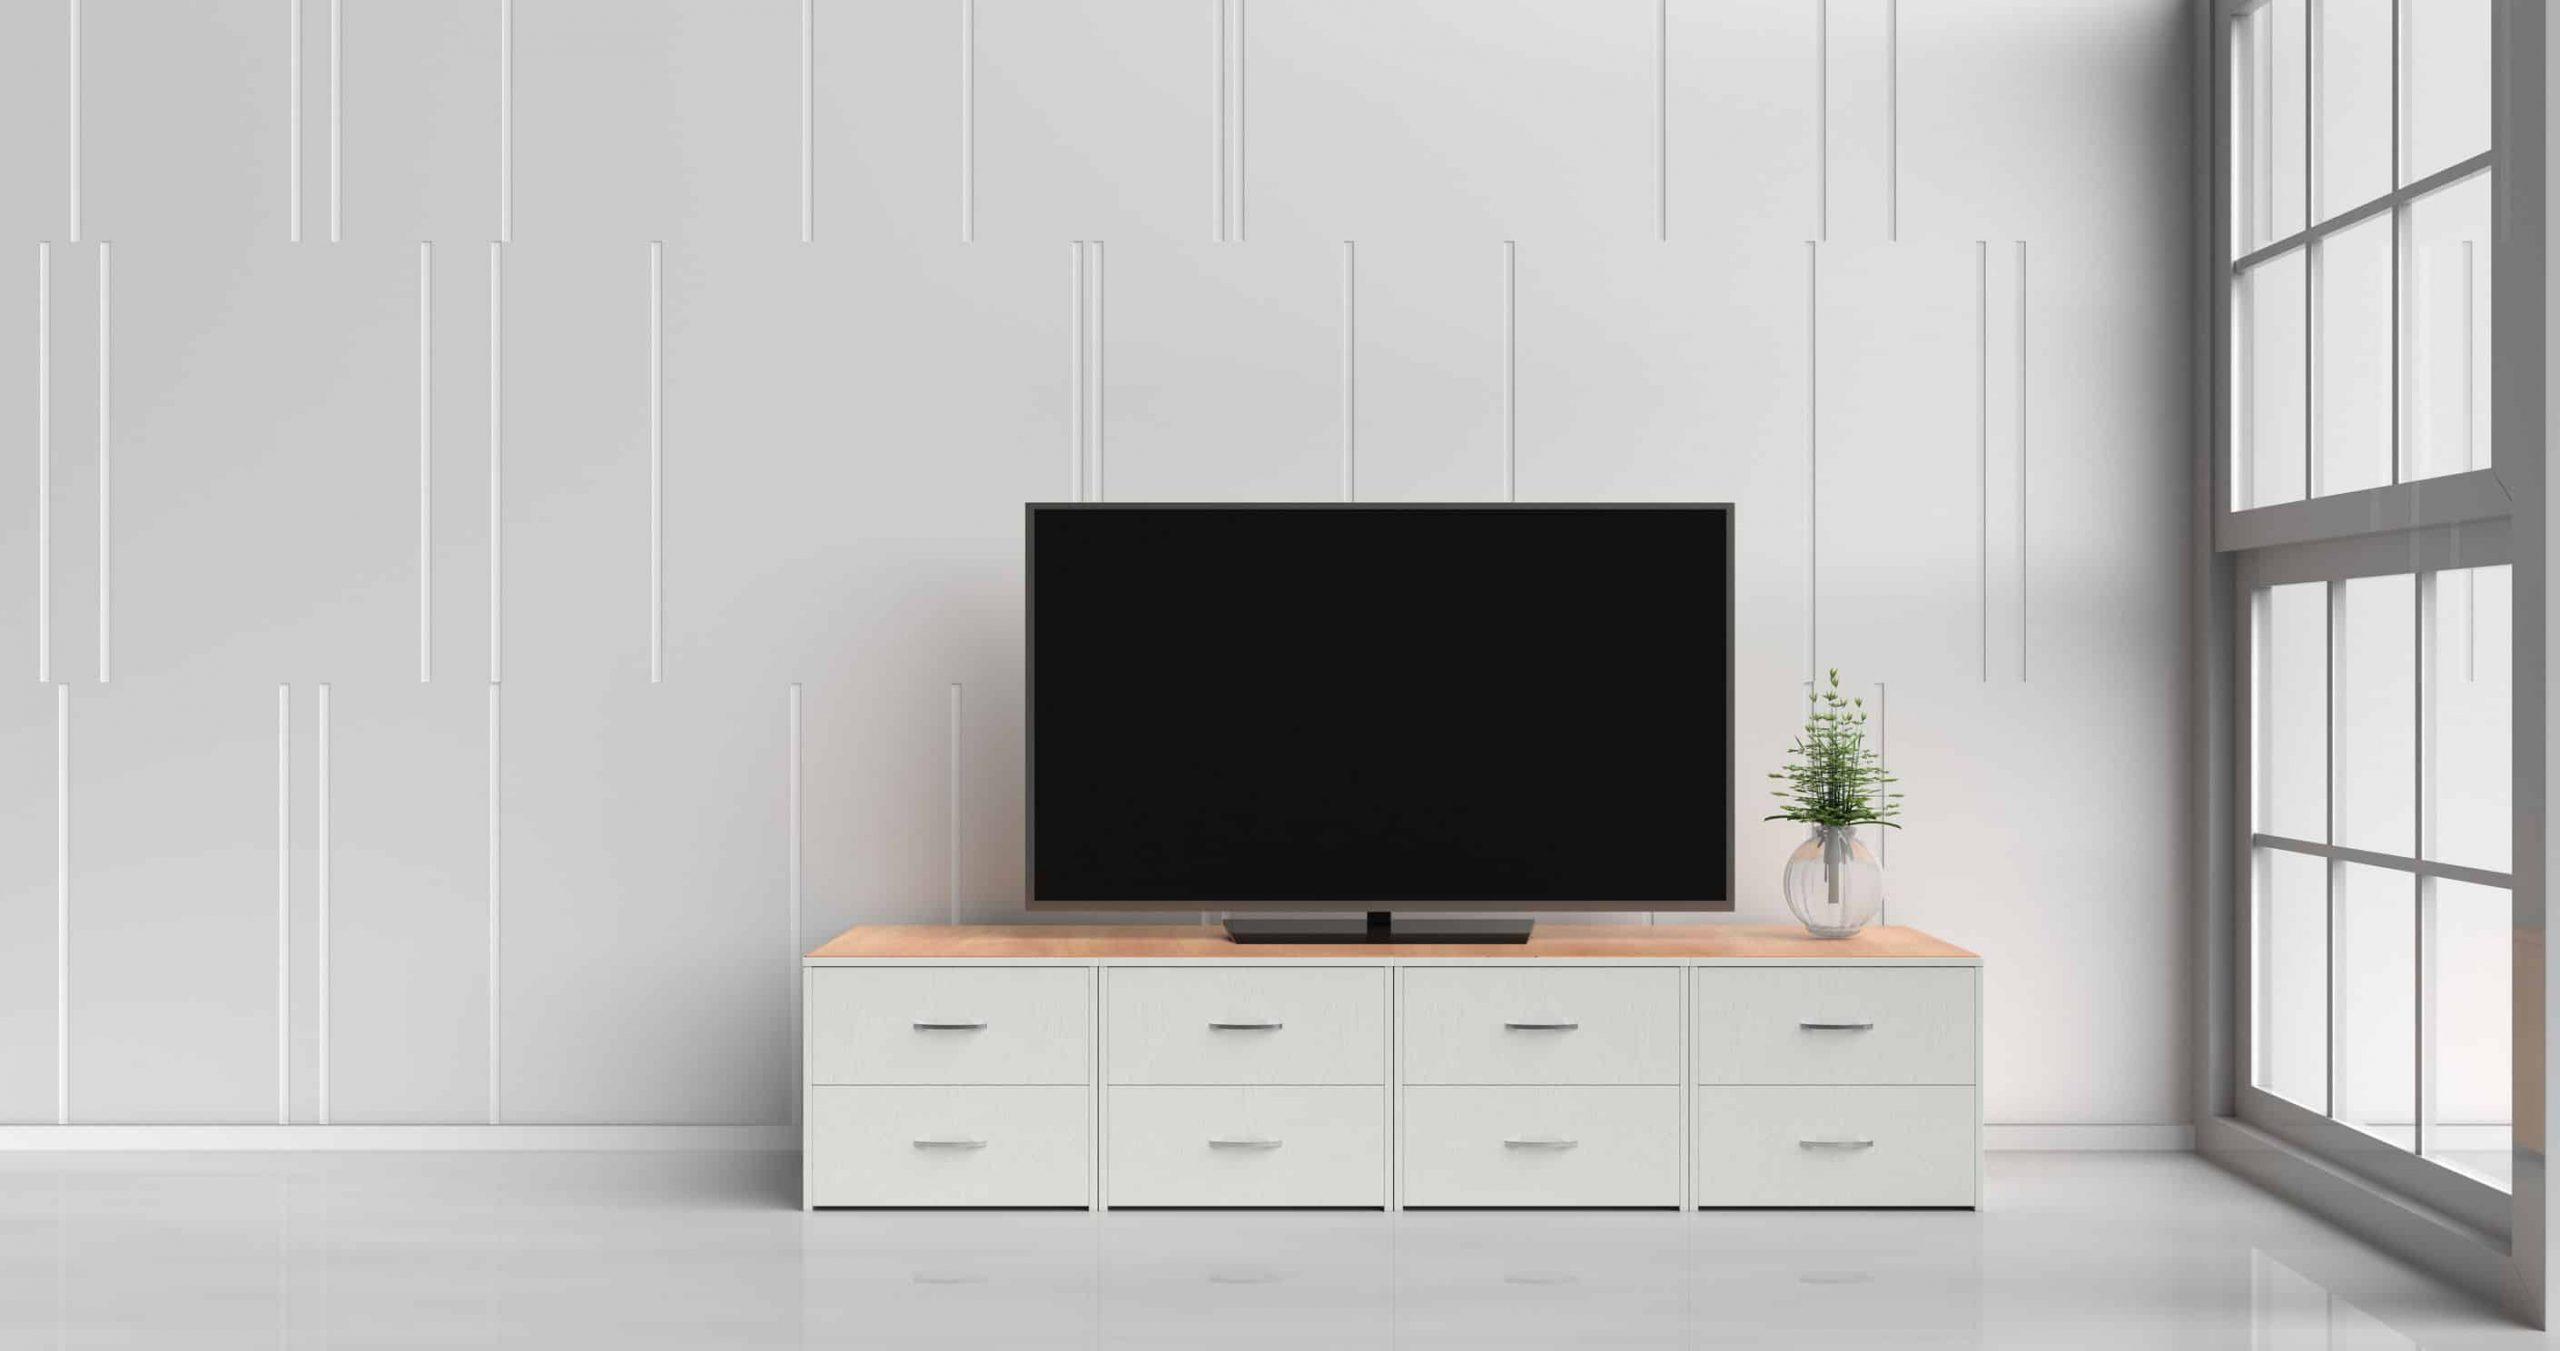 Muebles para TV: ¿Cuáles son los mejores del 2021?